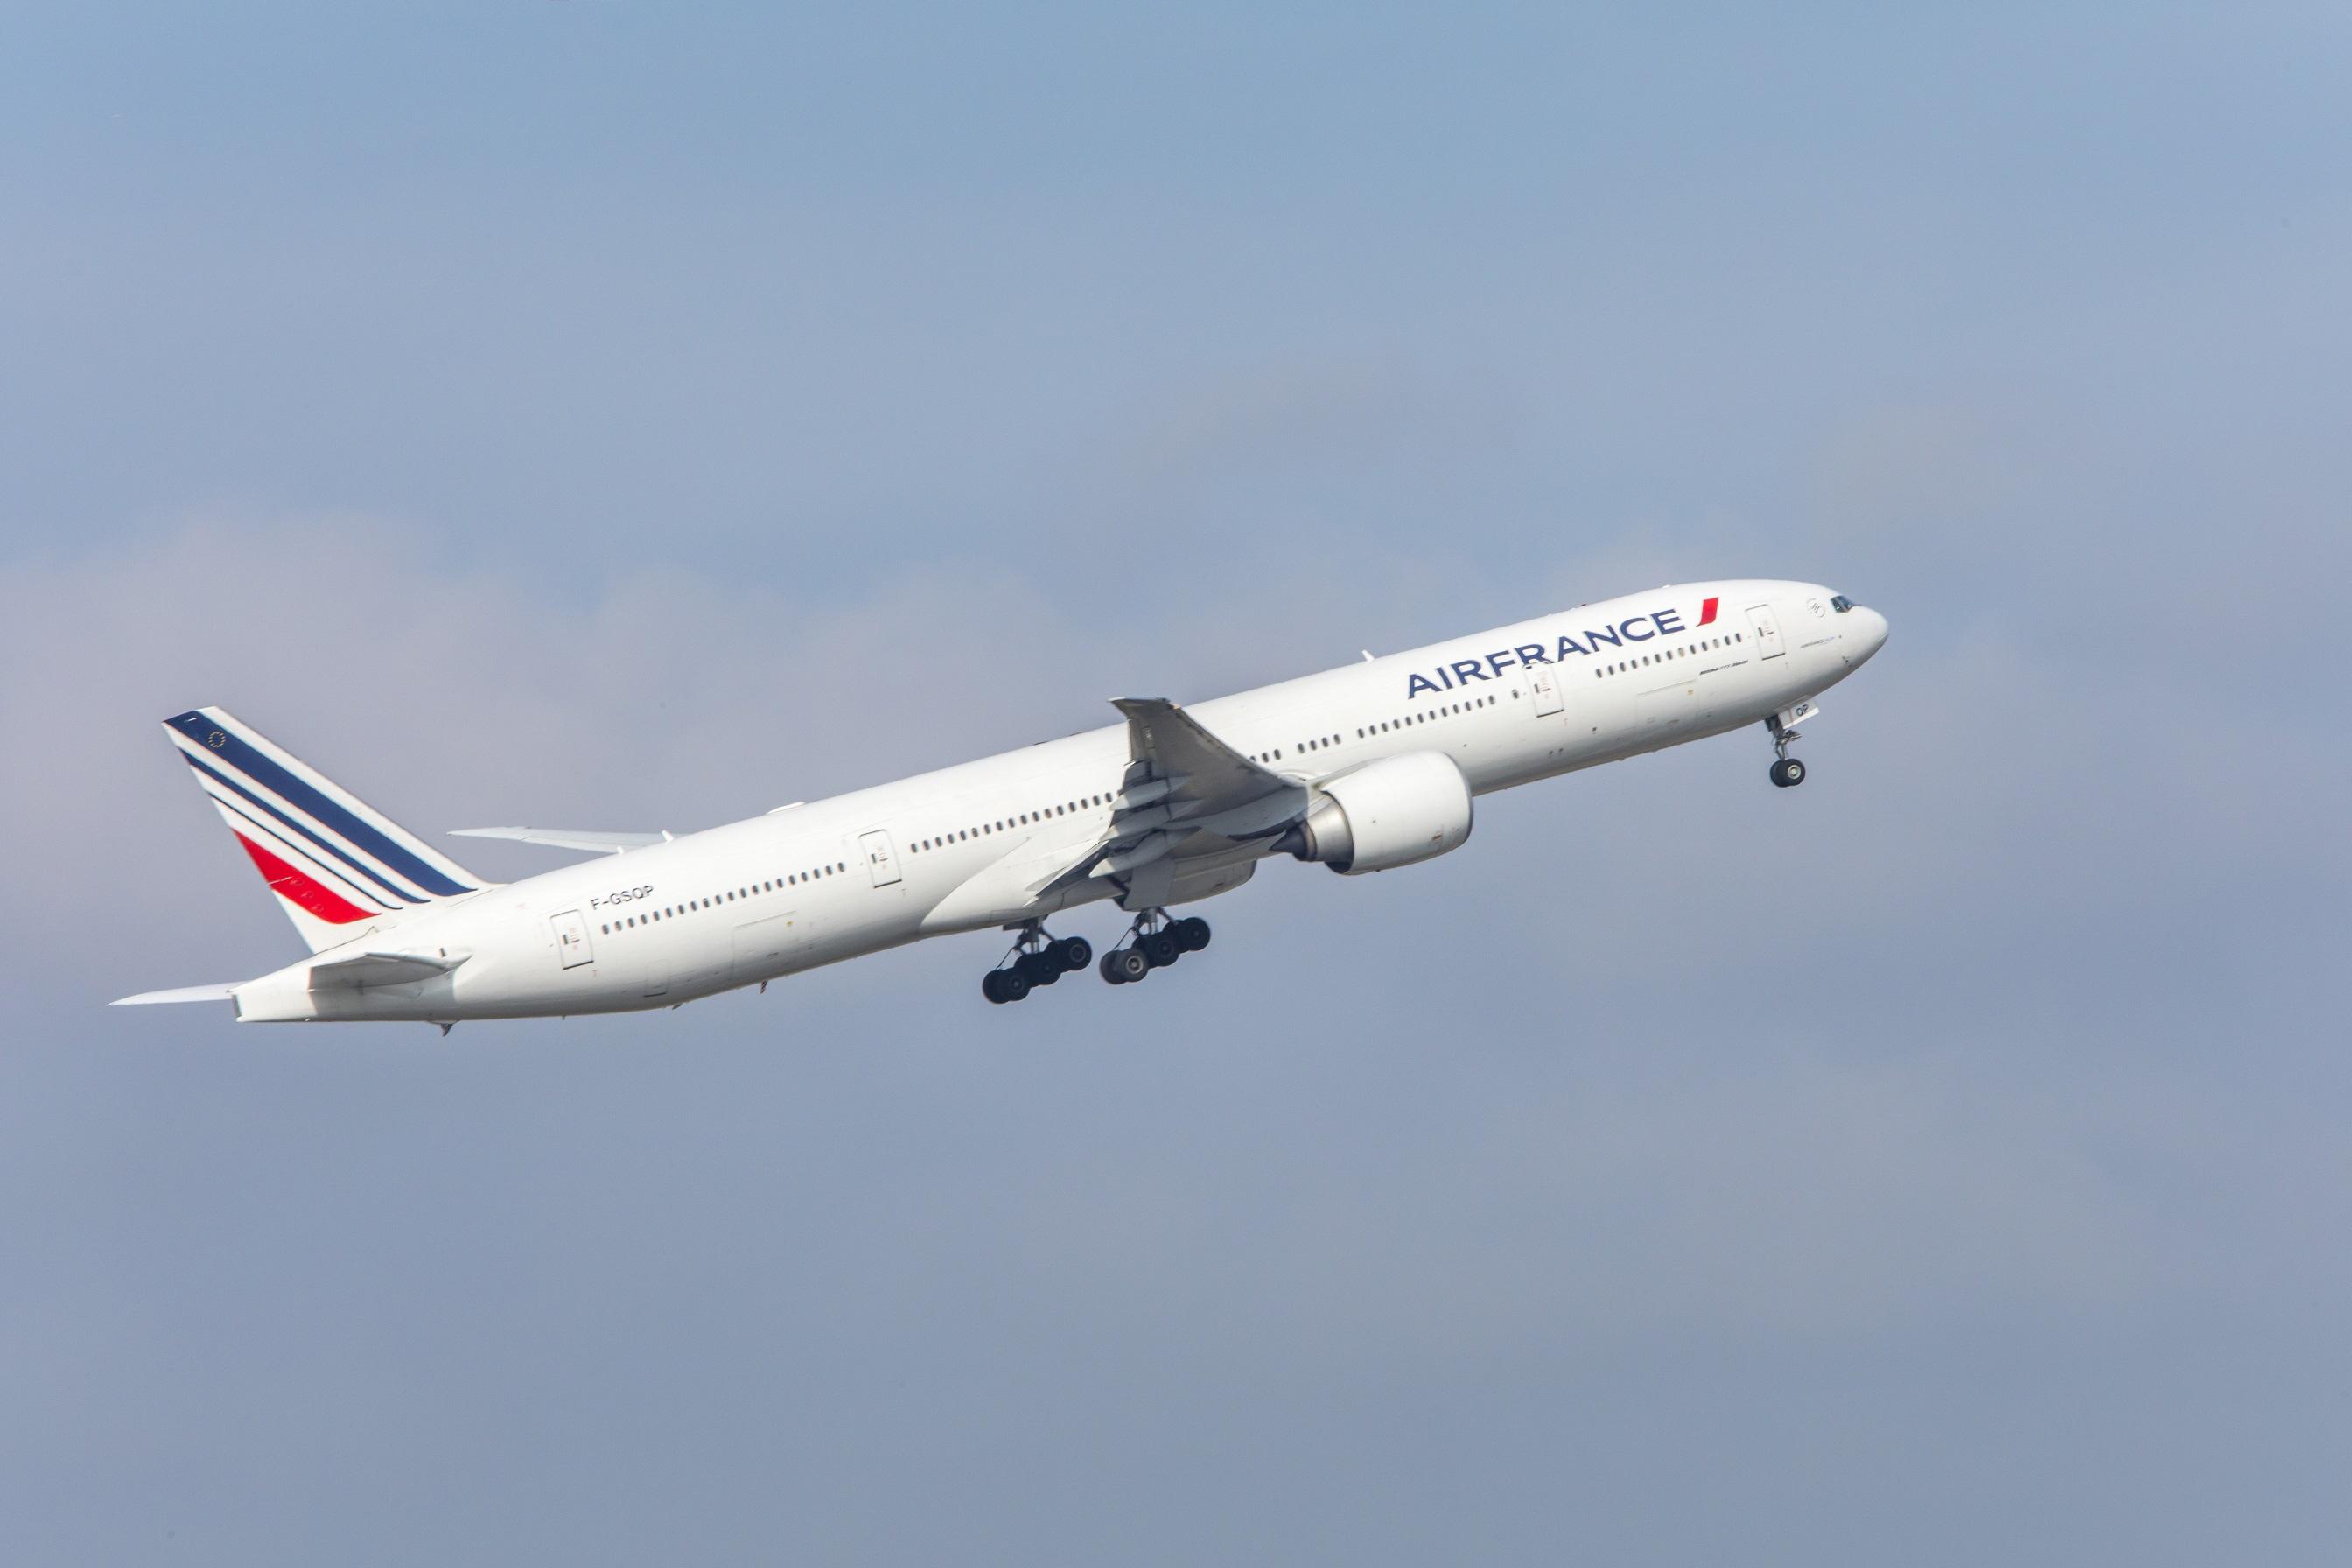 エールフランス航空、羽田/パリ線を増便、午前便を追加、日本/パリ間は週最大35便に